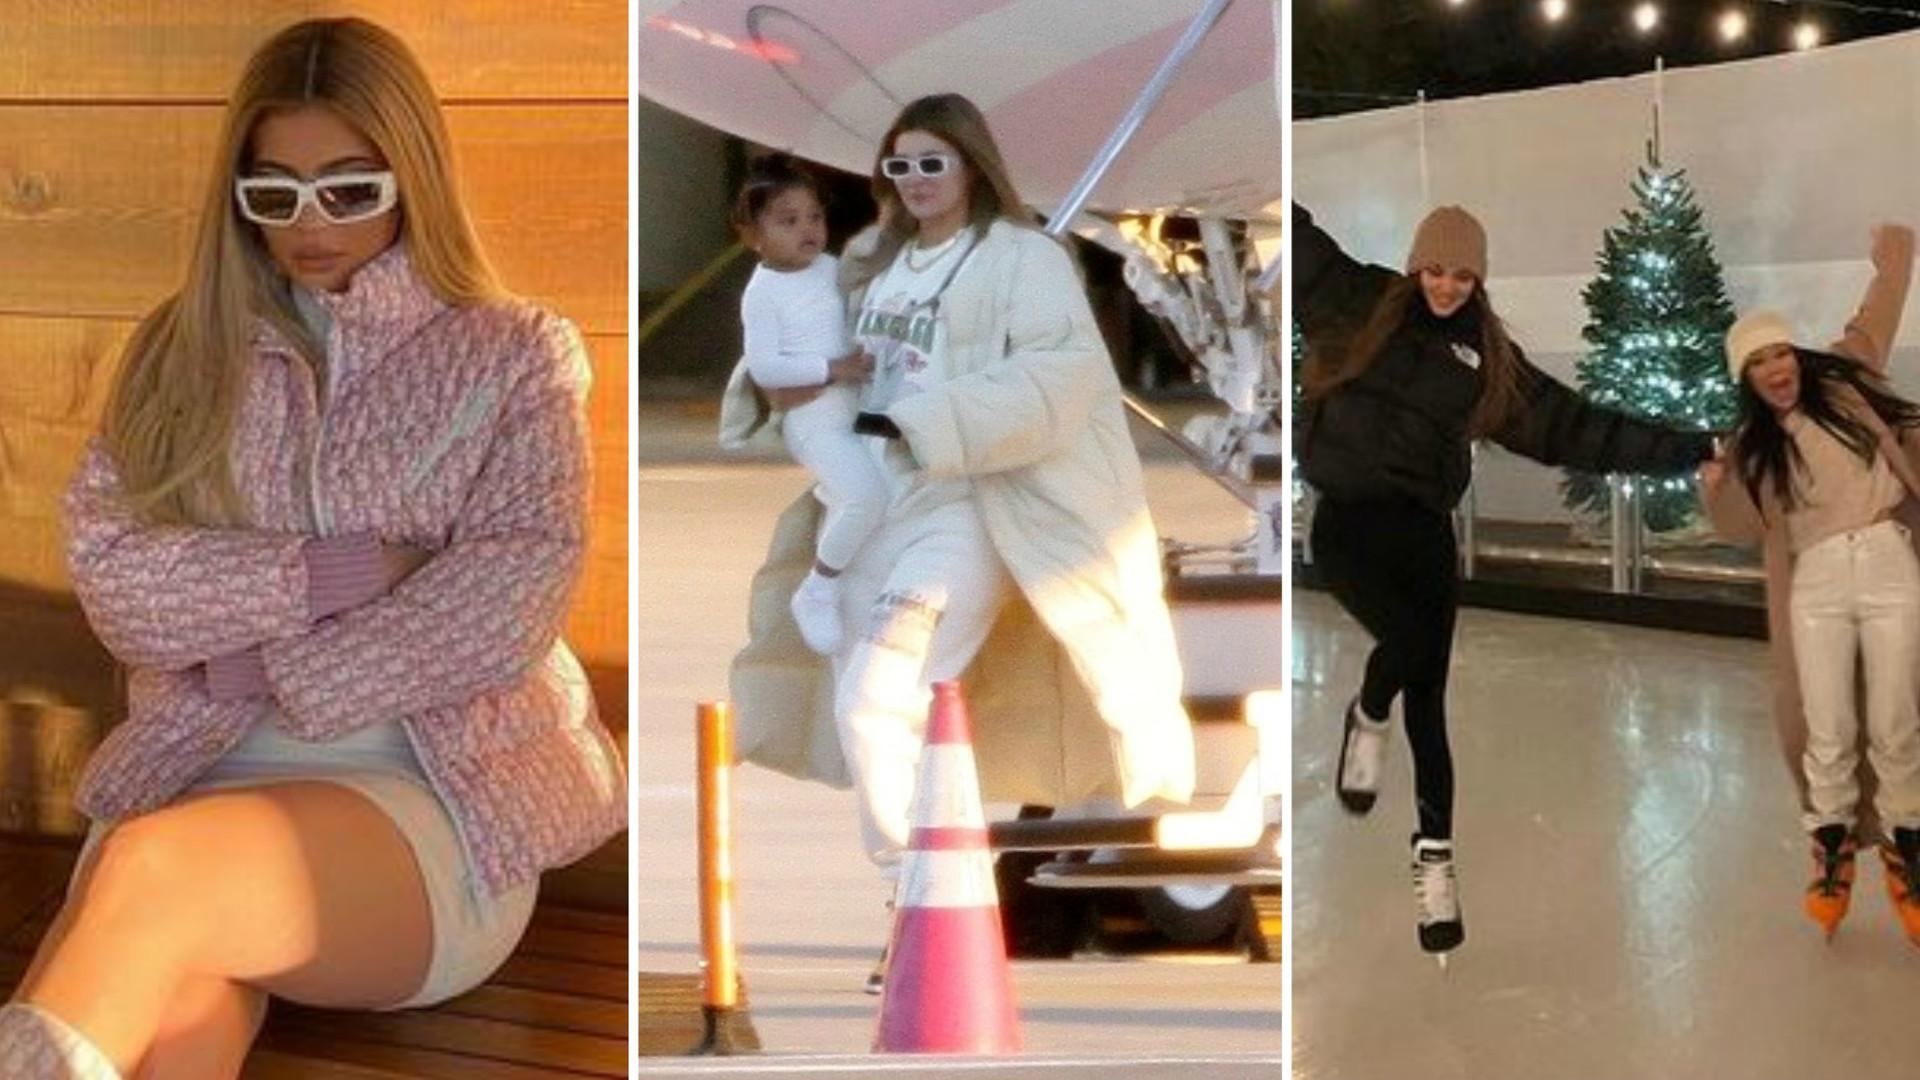 Kardashianki na zimowych wakacjach: BAJKOWE widoki i luksusowa chatka (ZDJĘCIA)